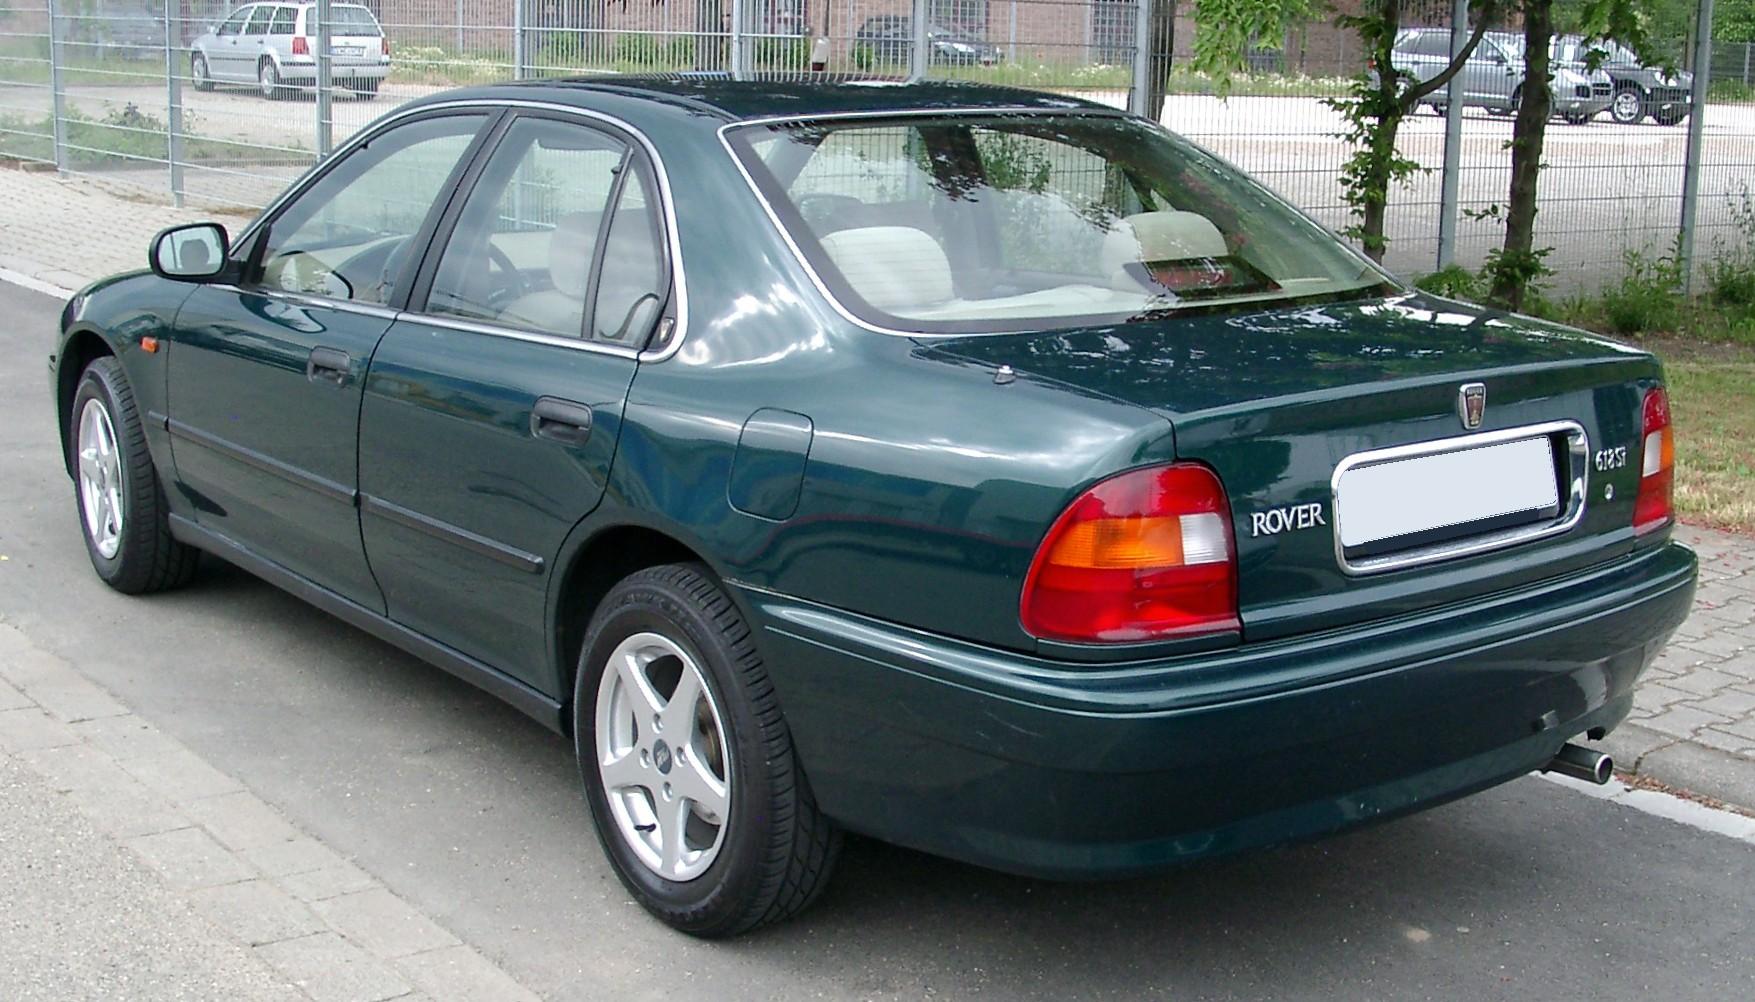 Annonces Rover Serie 600 d' occasion mises en vente par des concessionnaires et